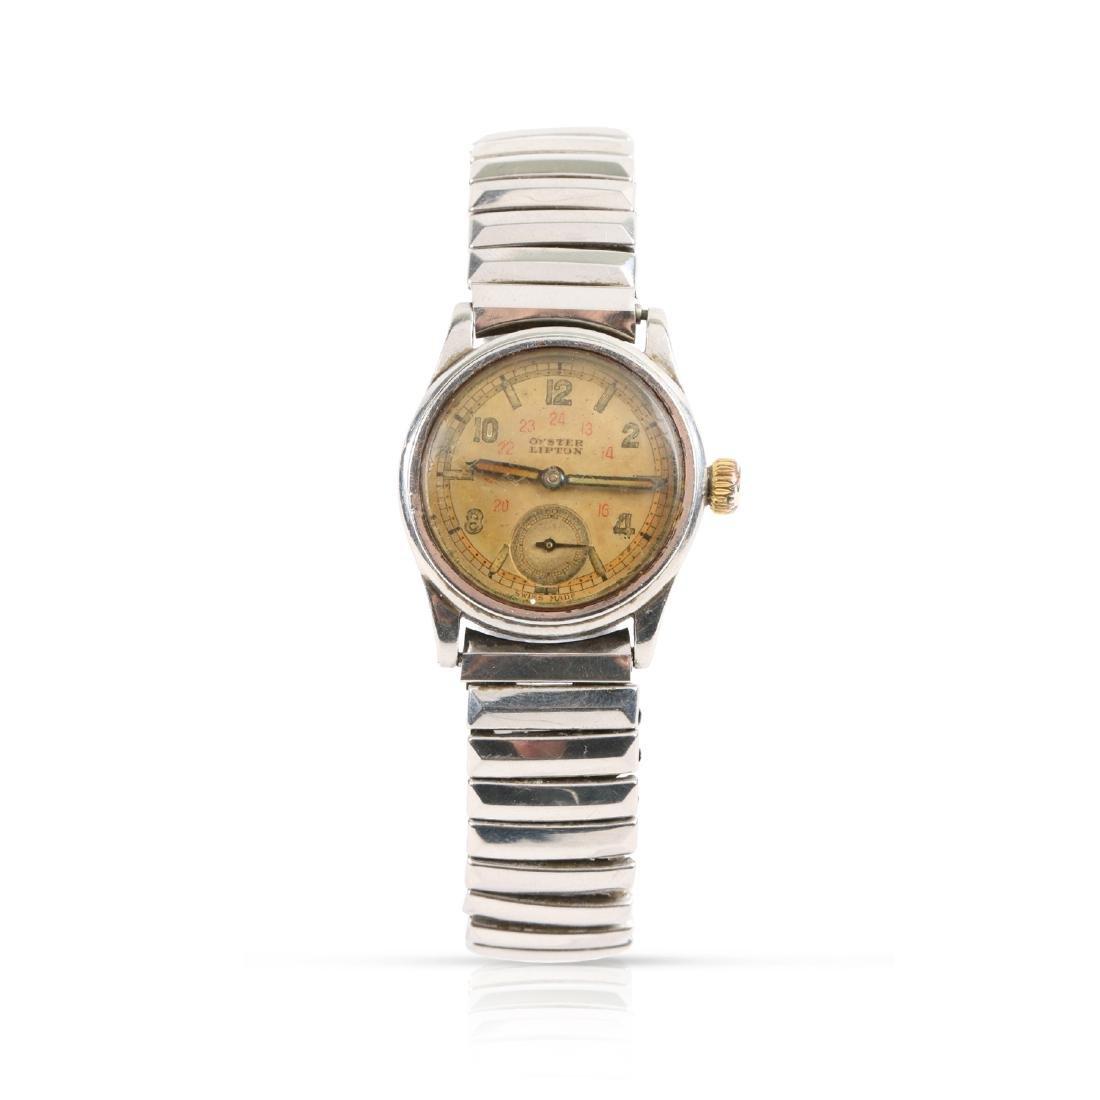 Rolex Oyster, Lipton, Ref. 3478